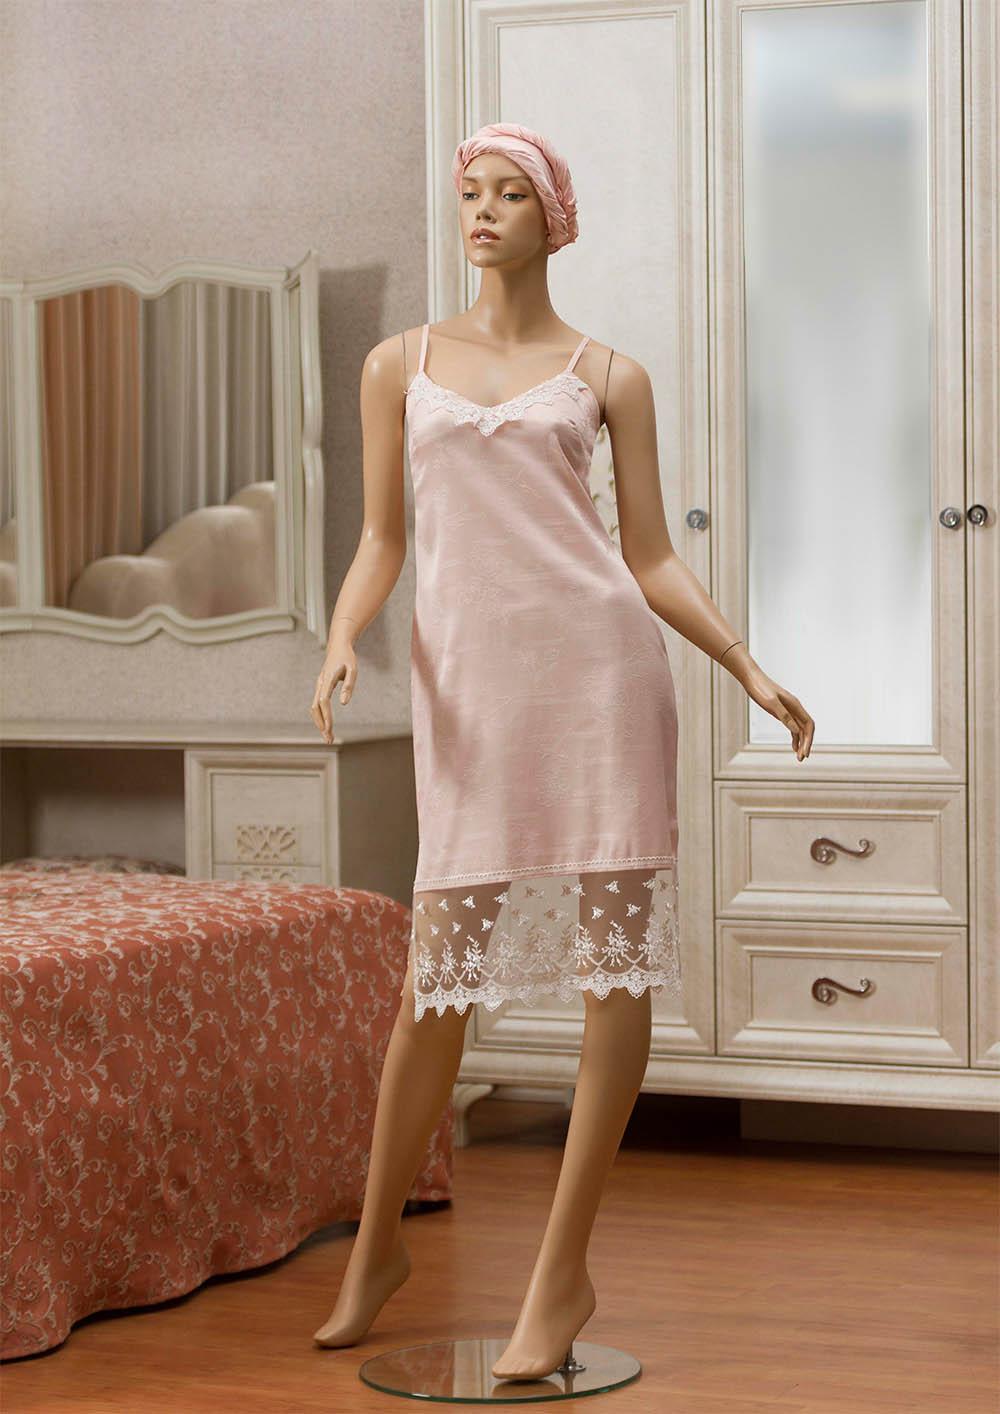 Ночные сорочки Primavelle Ночная сорочка Lavole Цвет: Розовый (M-L) ночные сорочки мамин дом ночная сорочка harmony